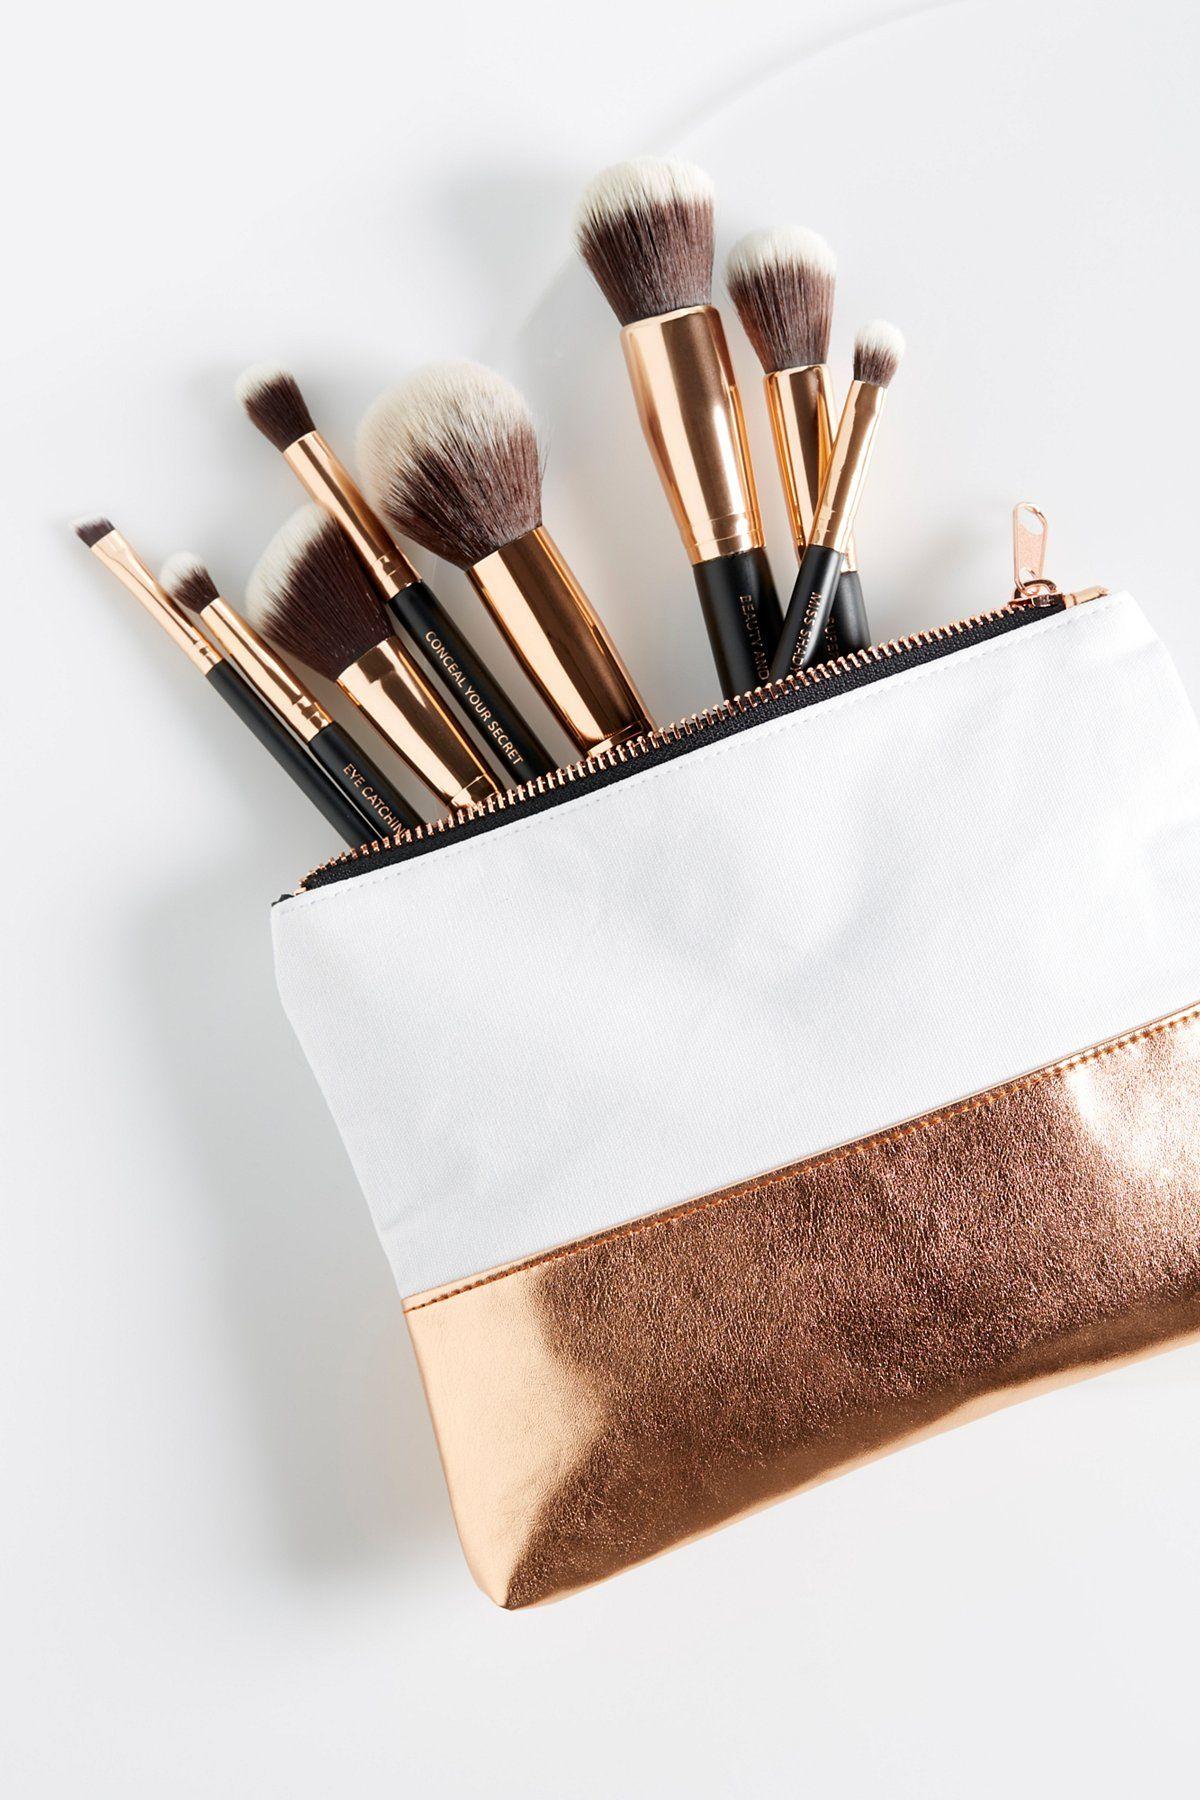 M.O.T.D Cosmetics Lux Vegan Essential Brush Set Vegan